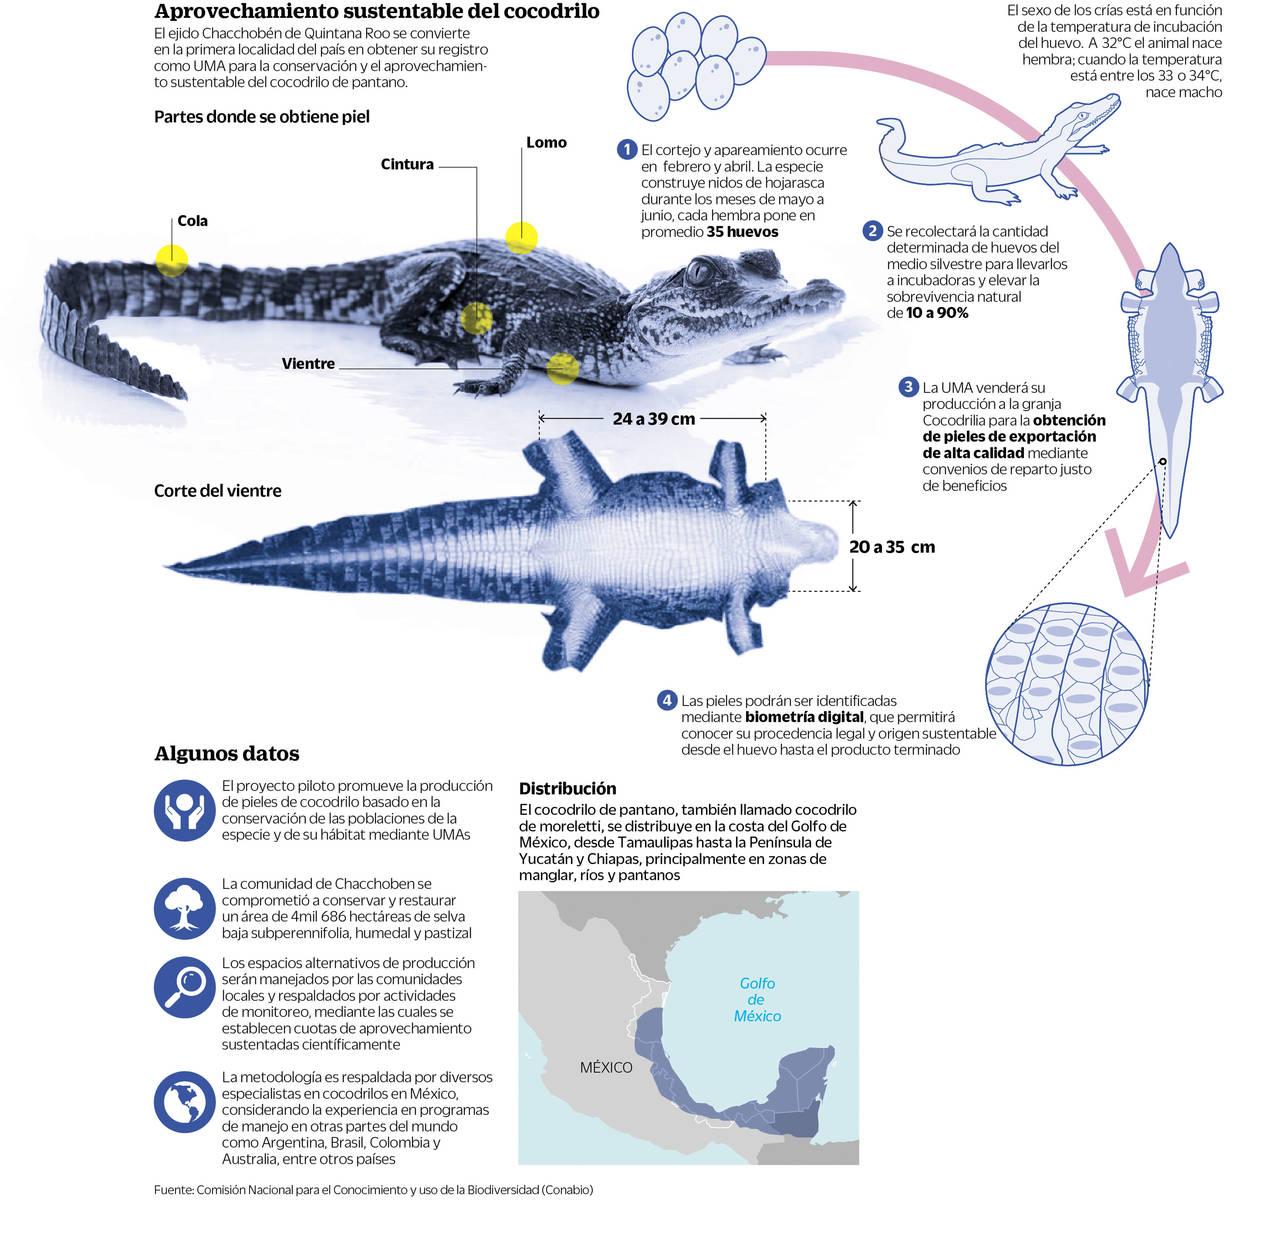 descubre el ciclo de vida del cocodrilo